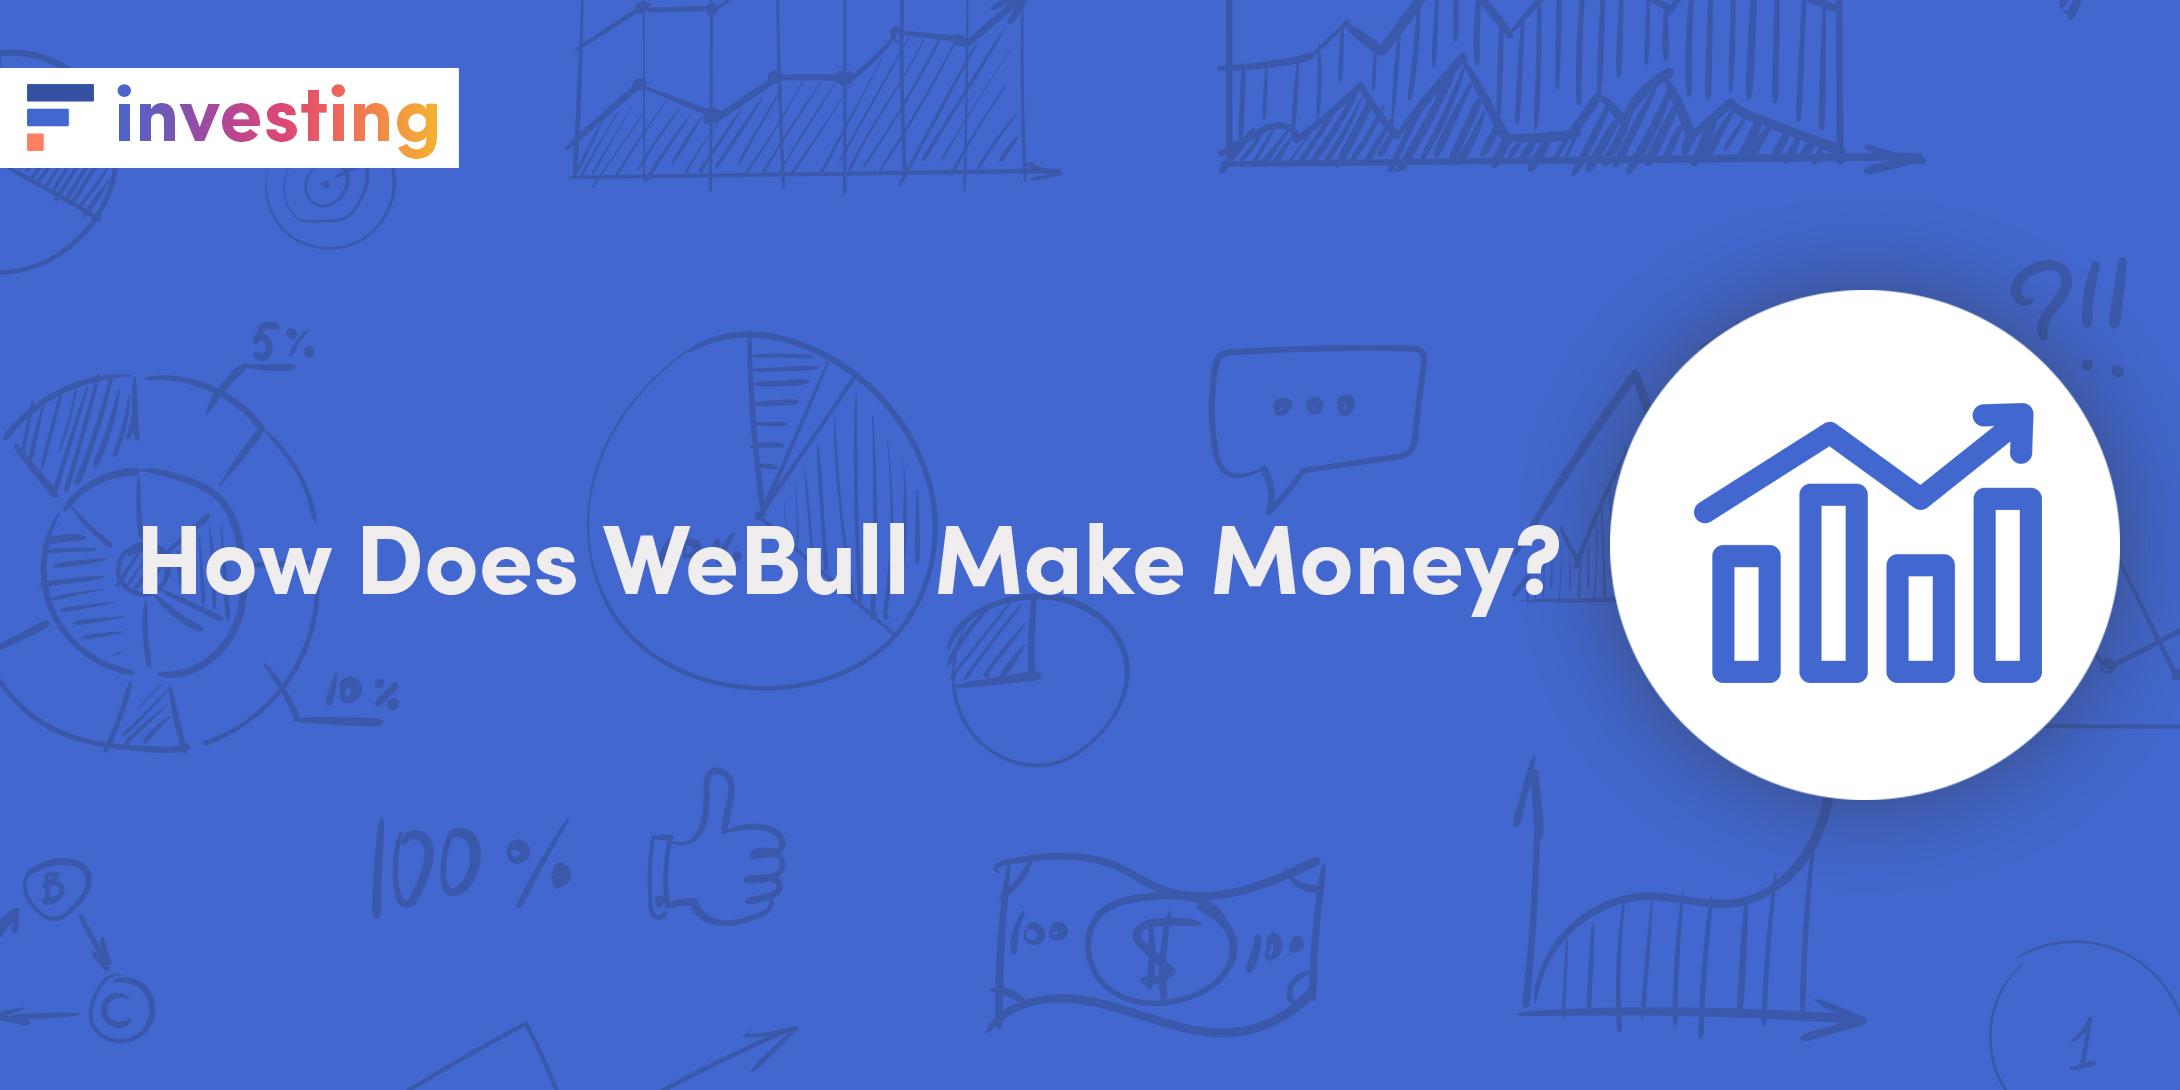 How does Webull make money?